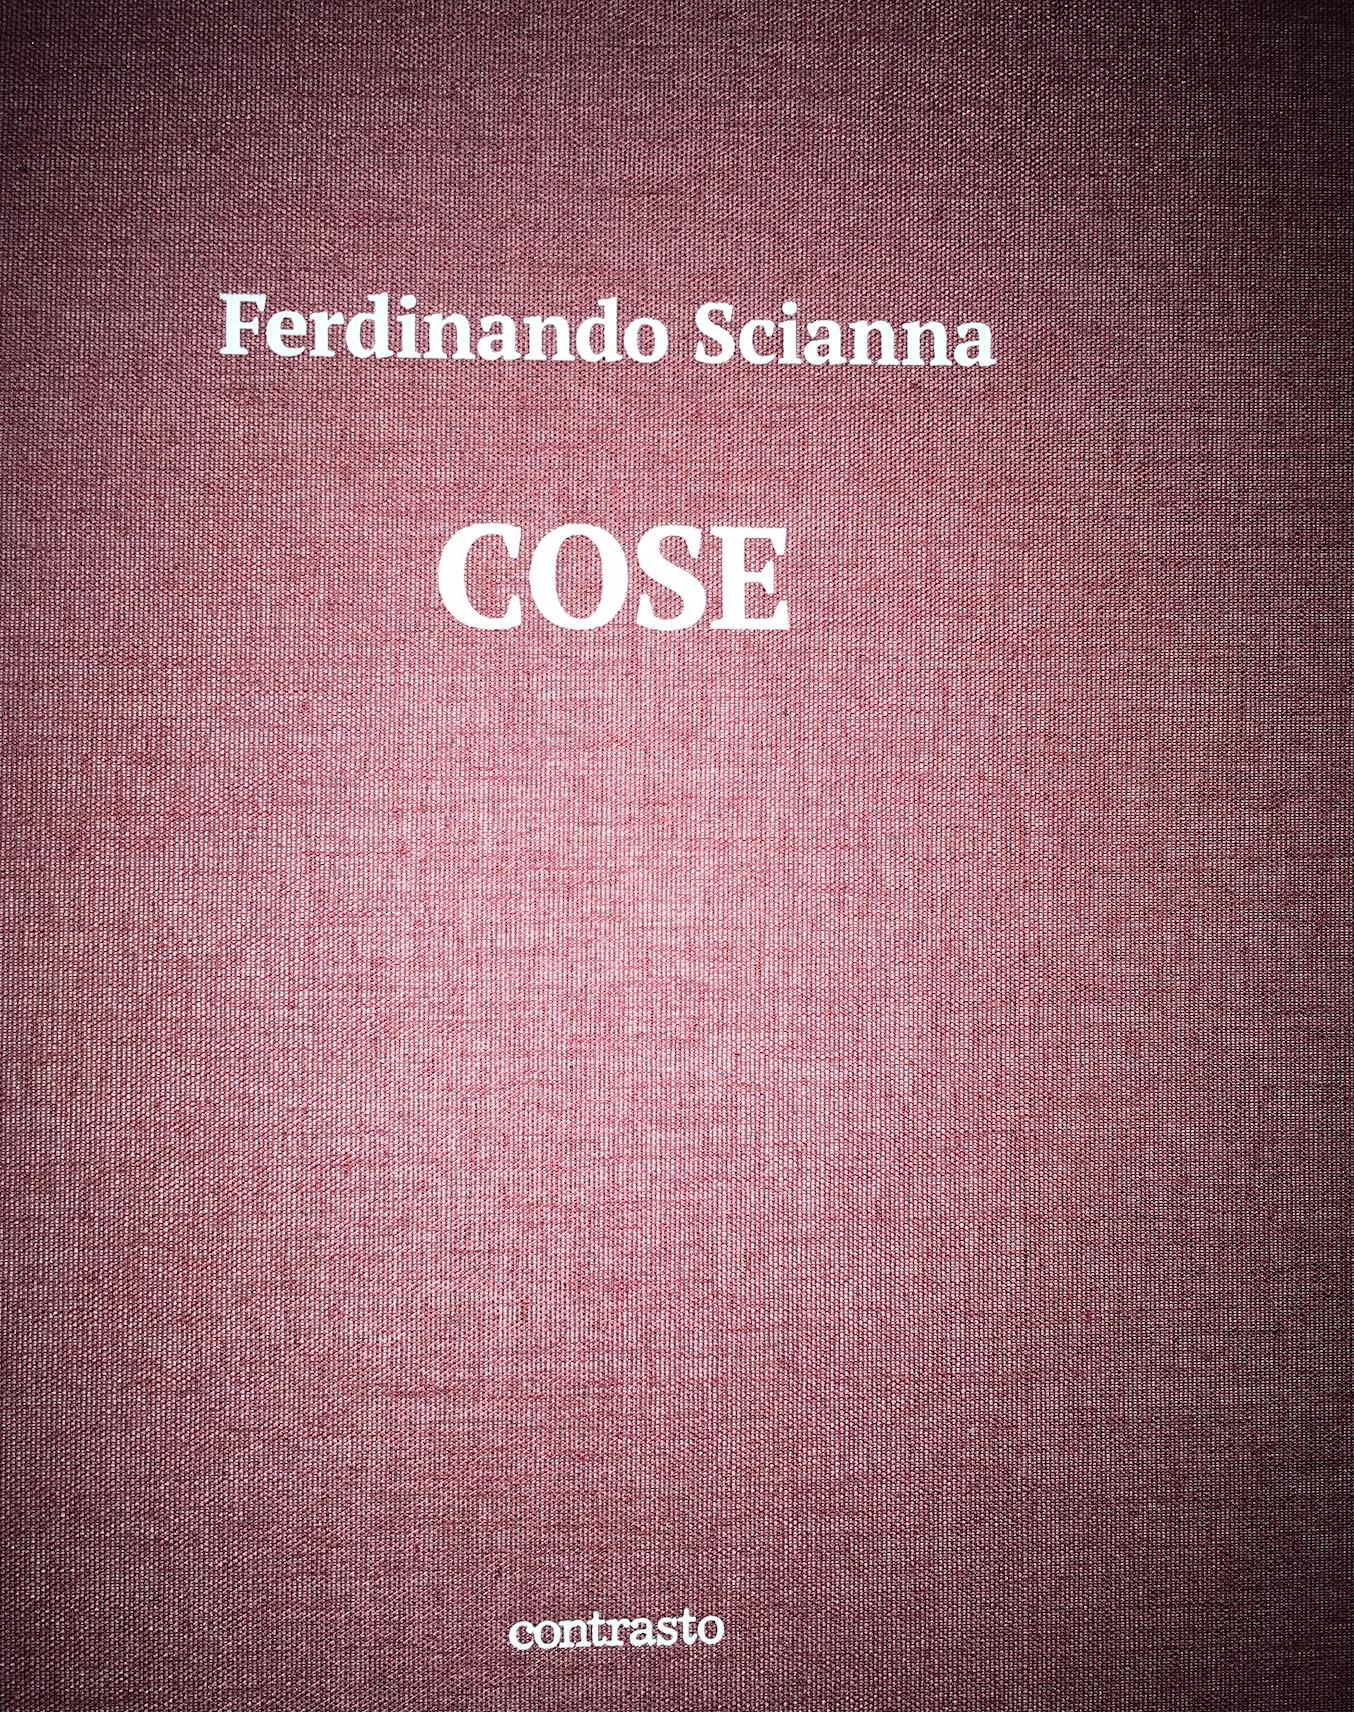 Cose. Ferdinando Scianna